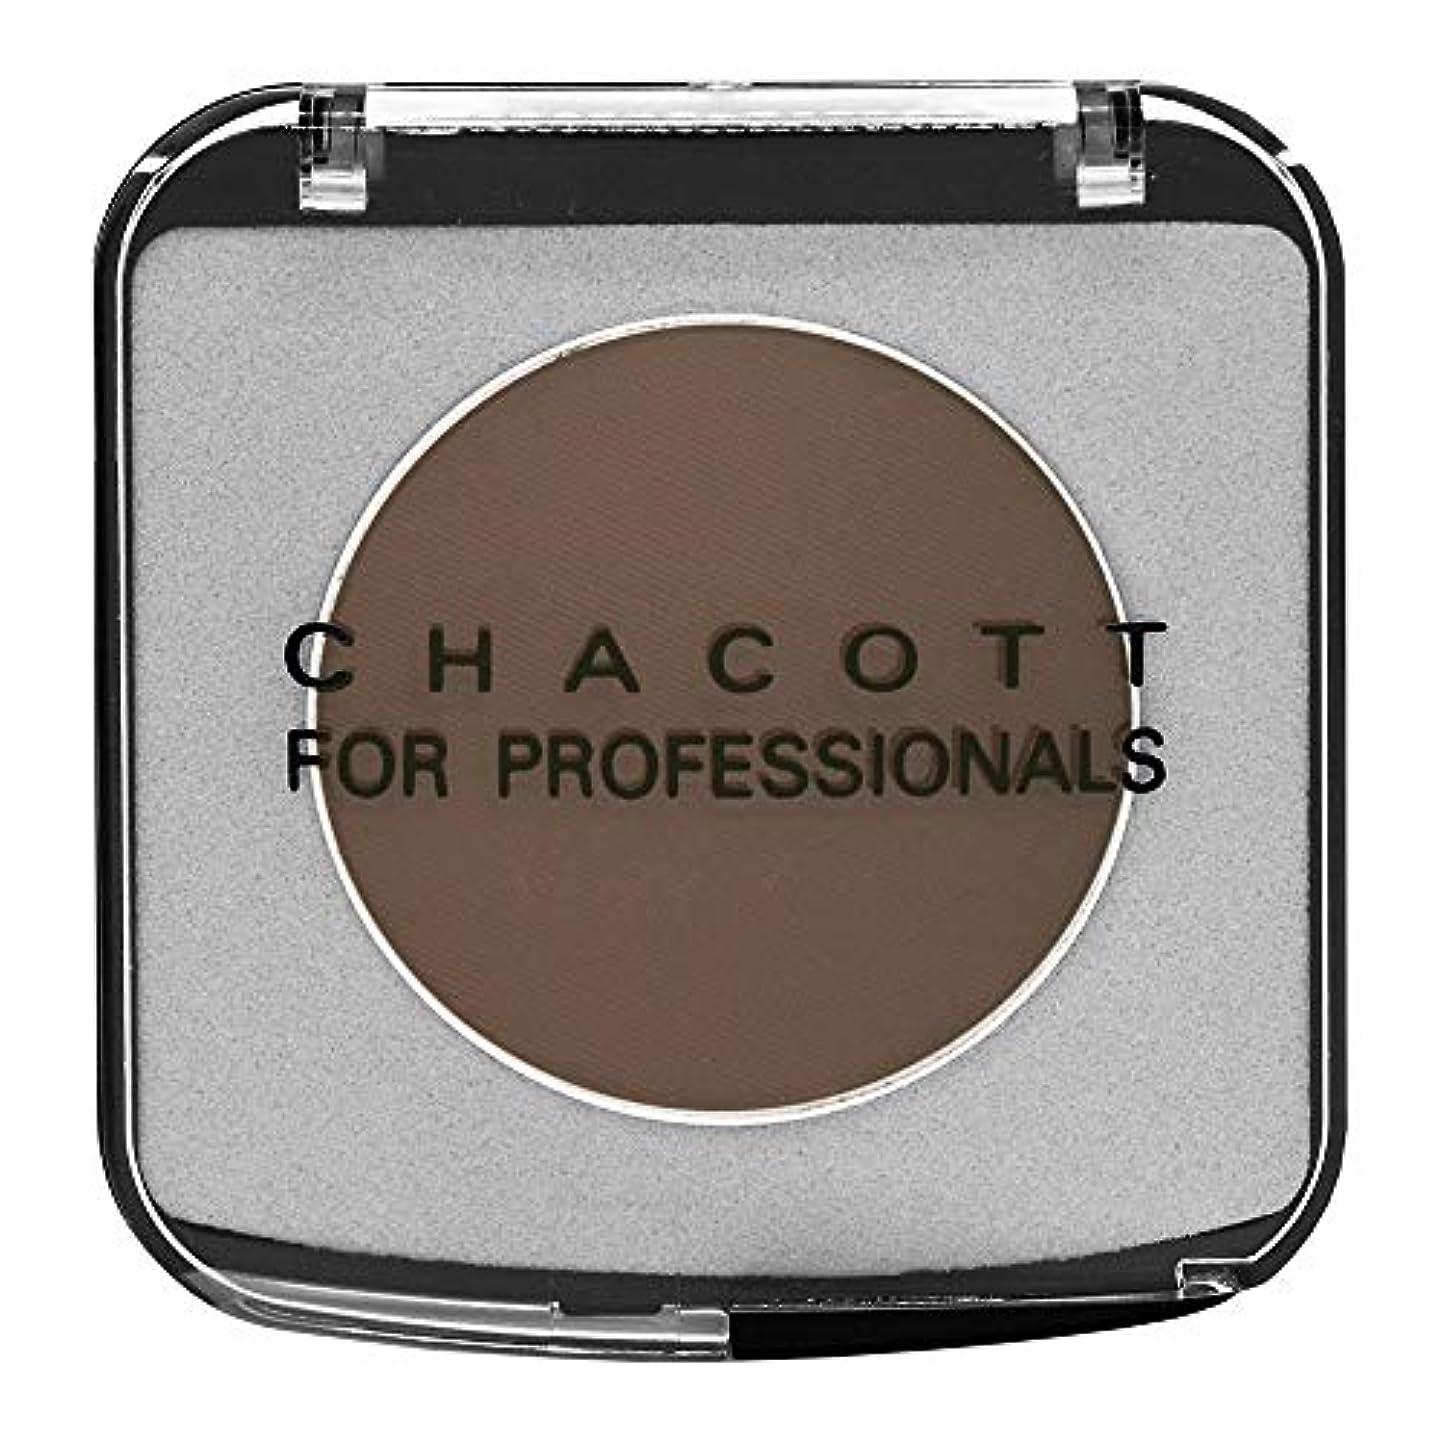 ランチ左納税者CHACOTT<チャコット> カラーバリエーション 605.チョコレートブラウン